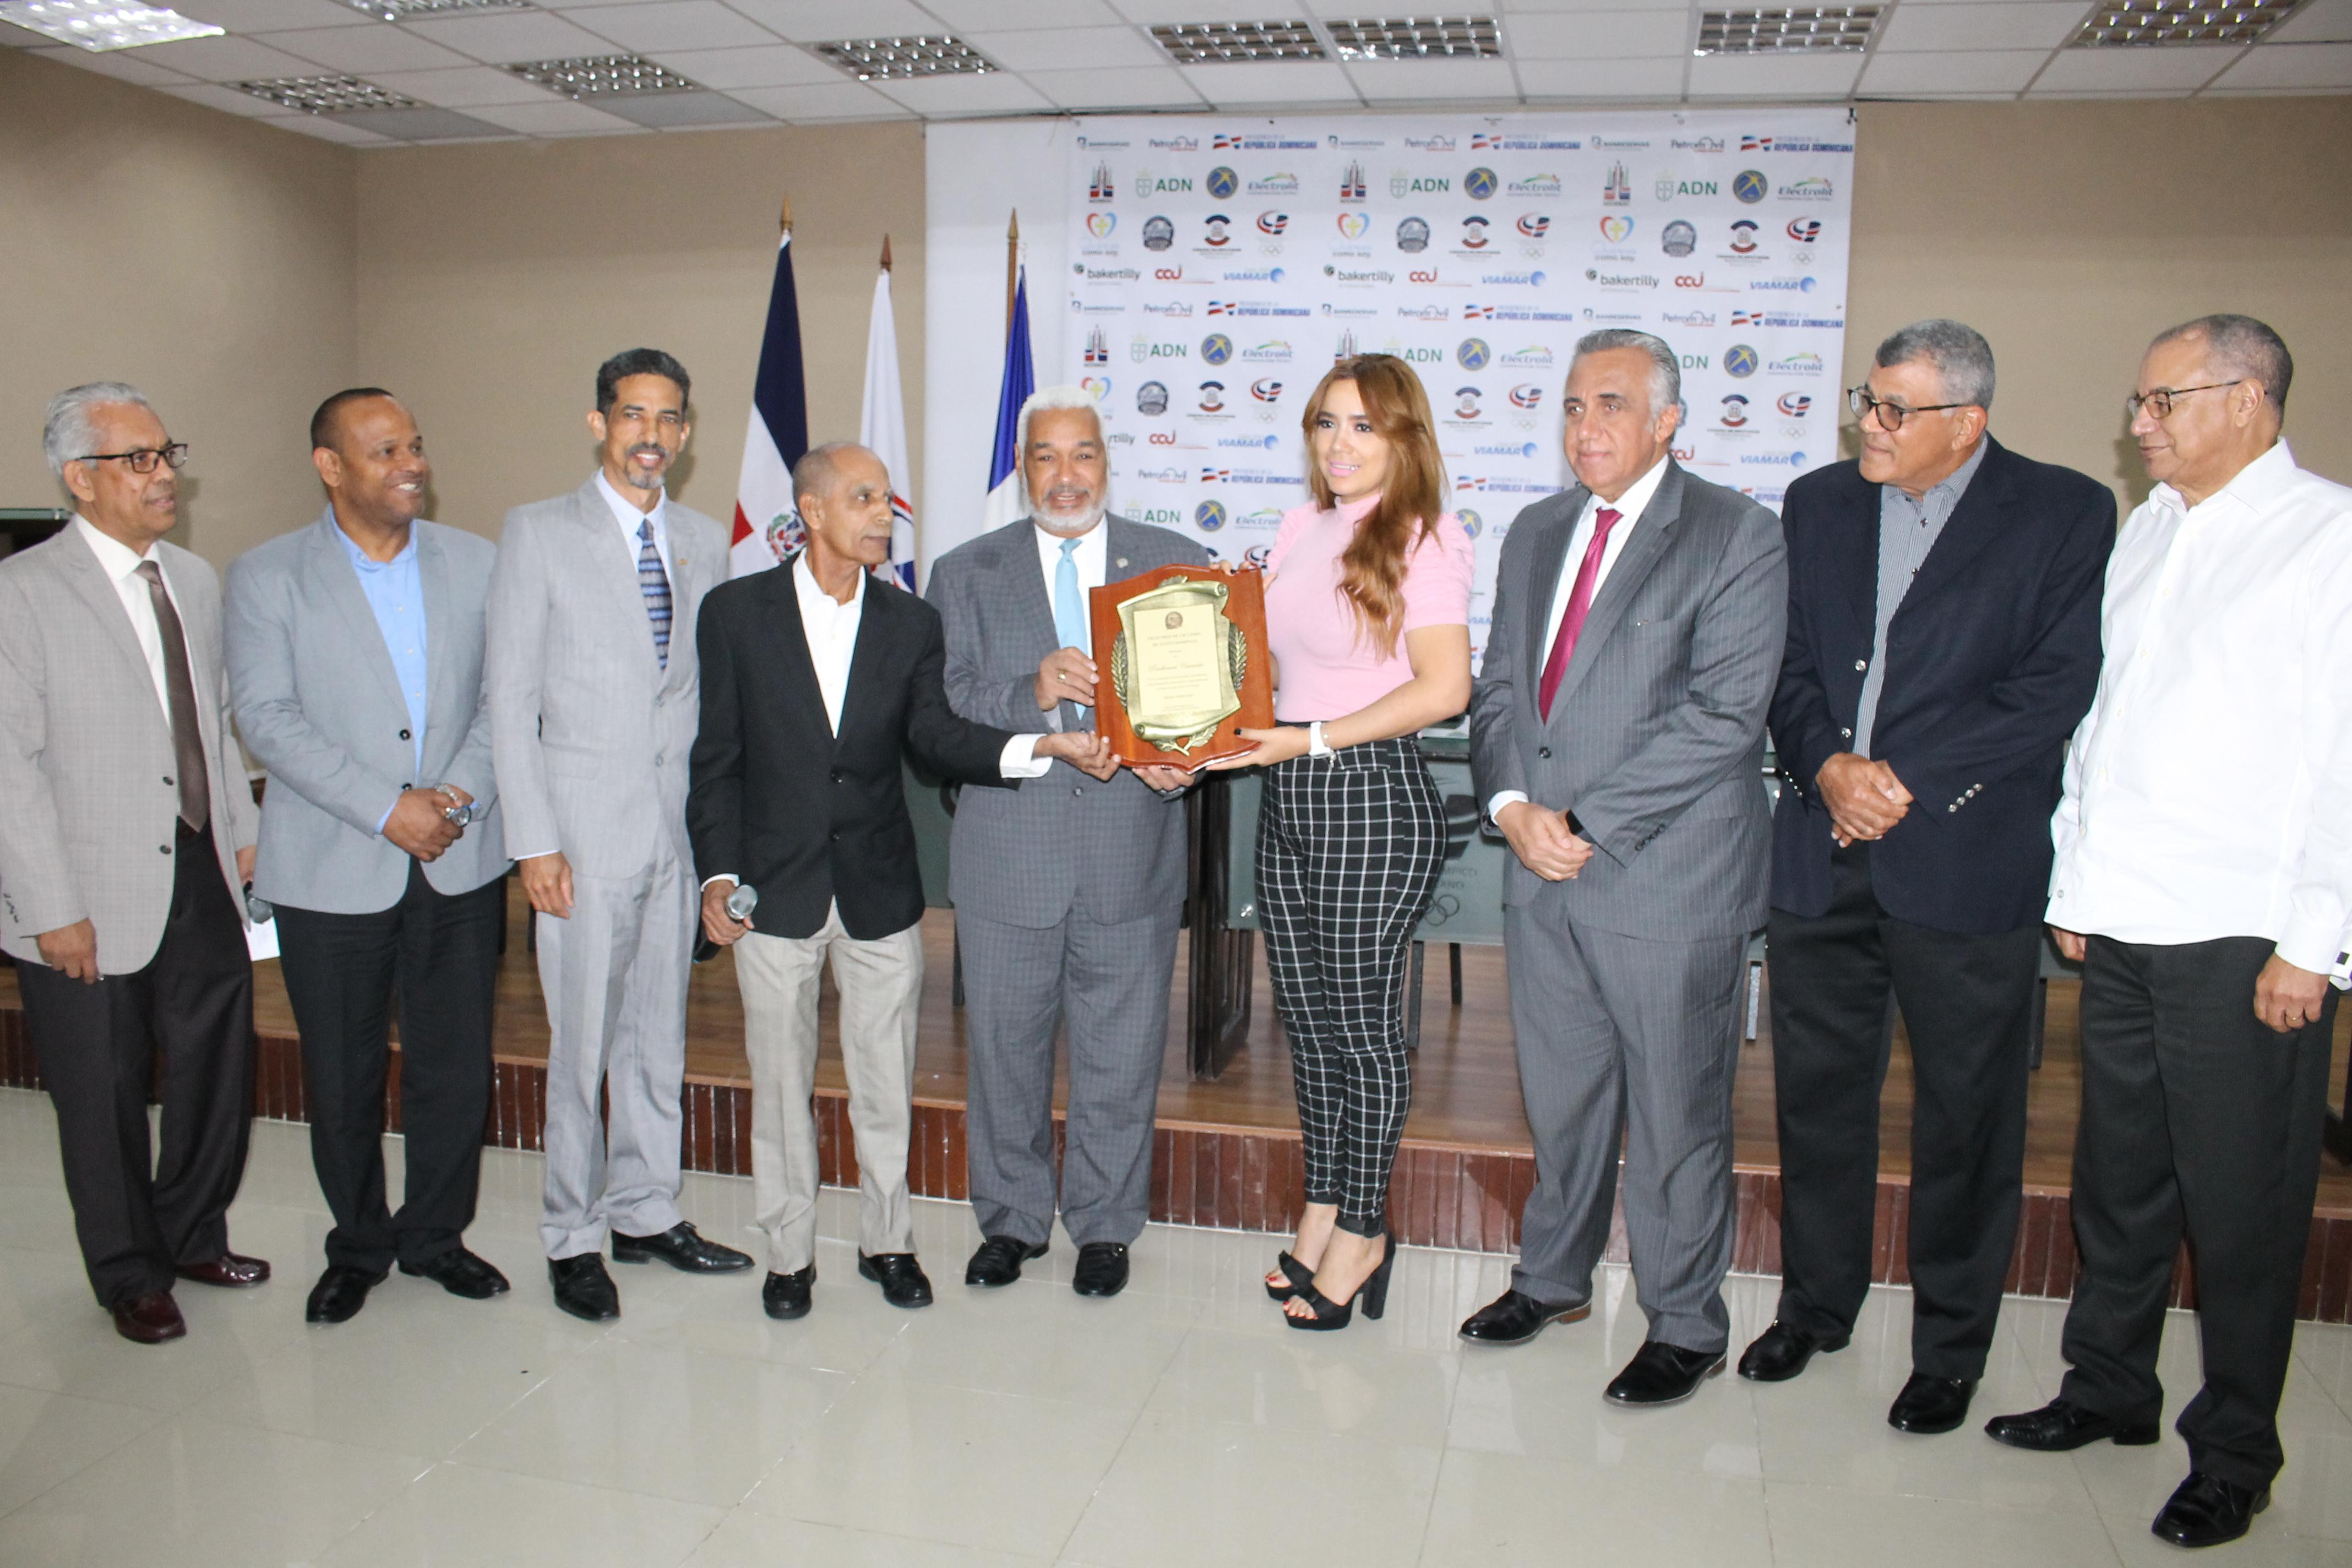 Anuncian el Grand Prix de Ciclismo dominicano